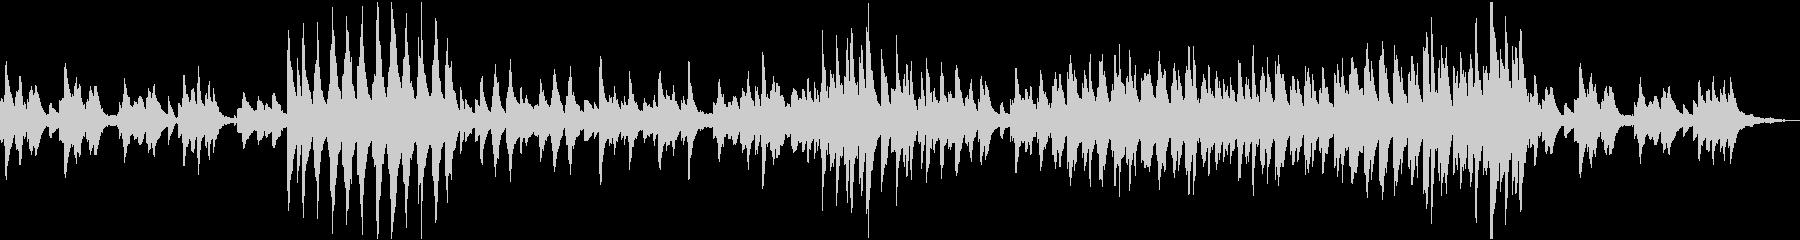 クライスレリアーナ第6曲の未再生の波形